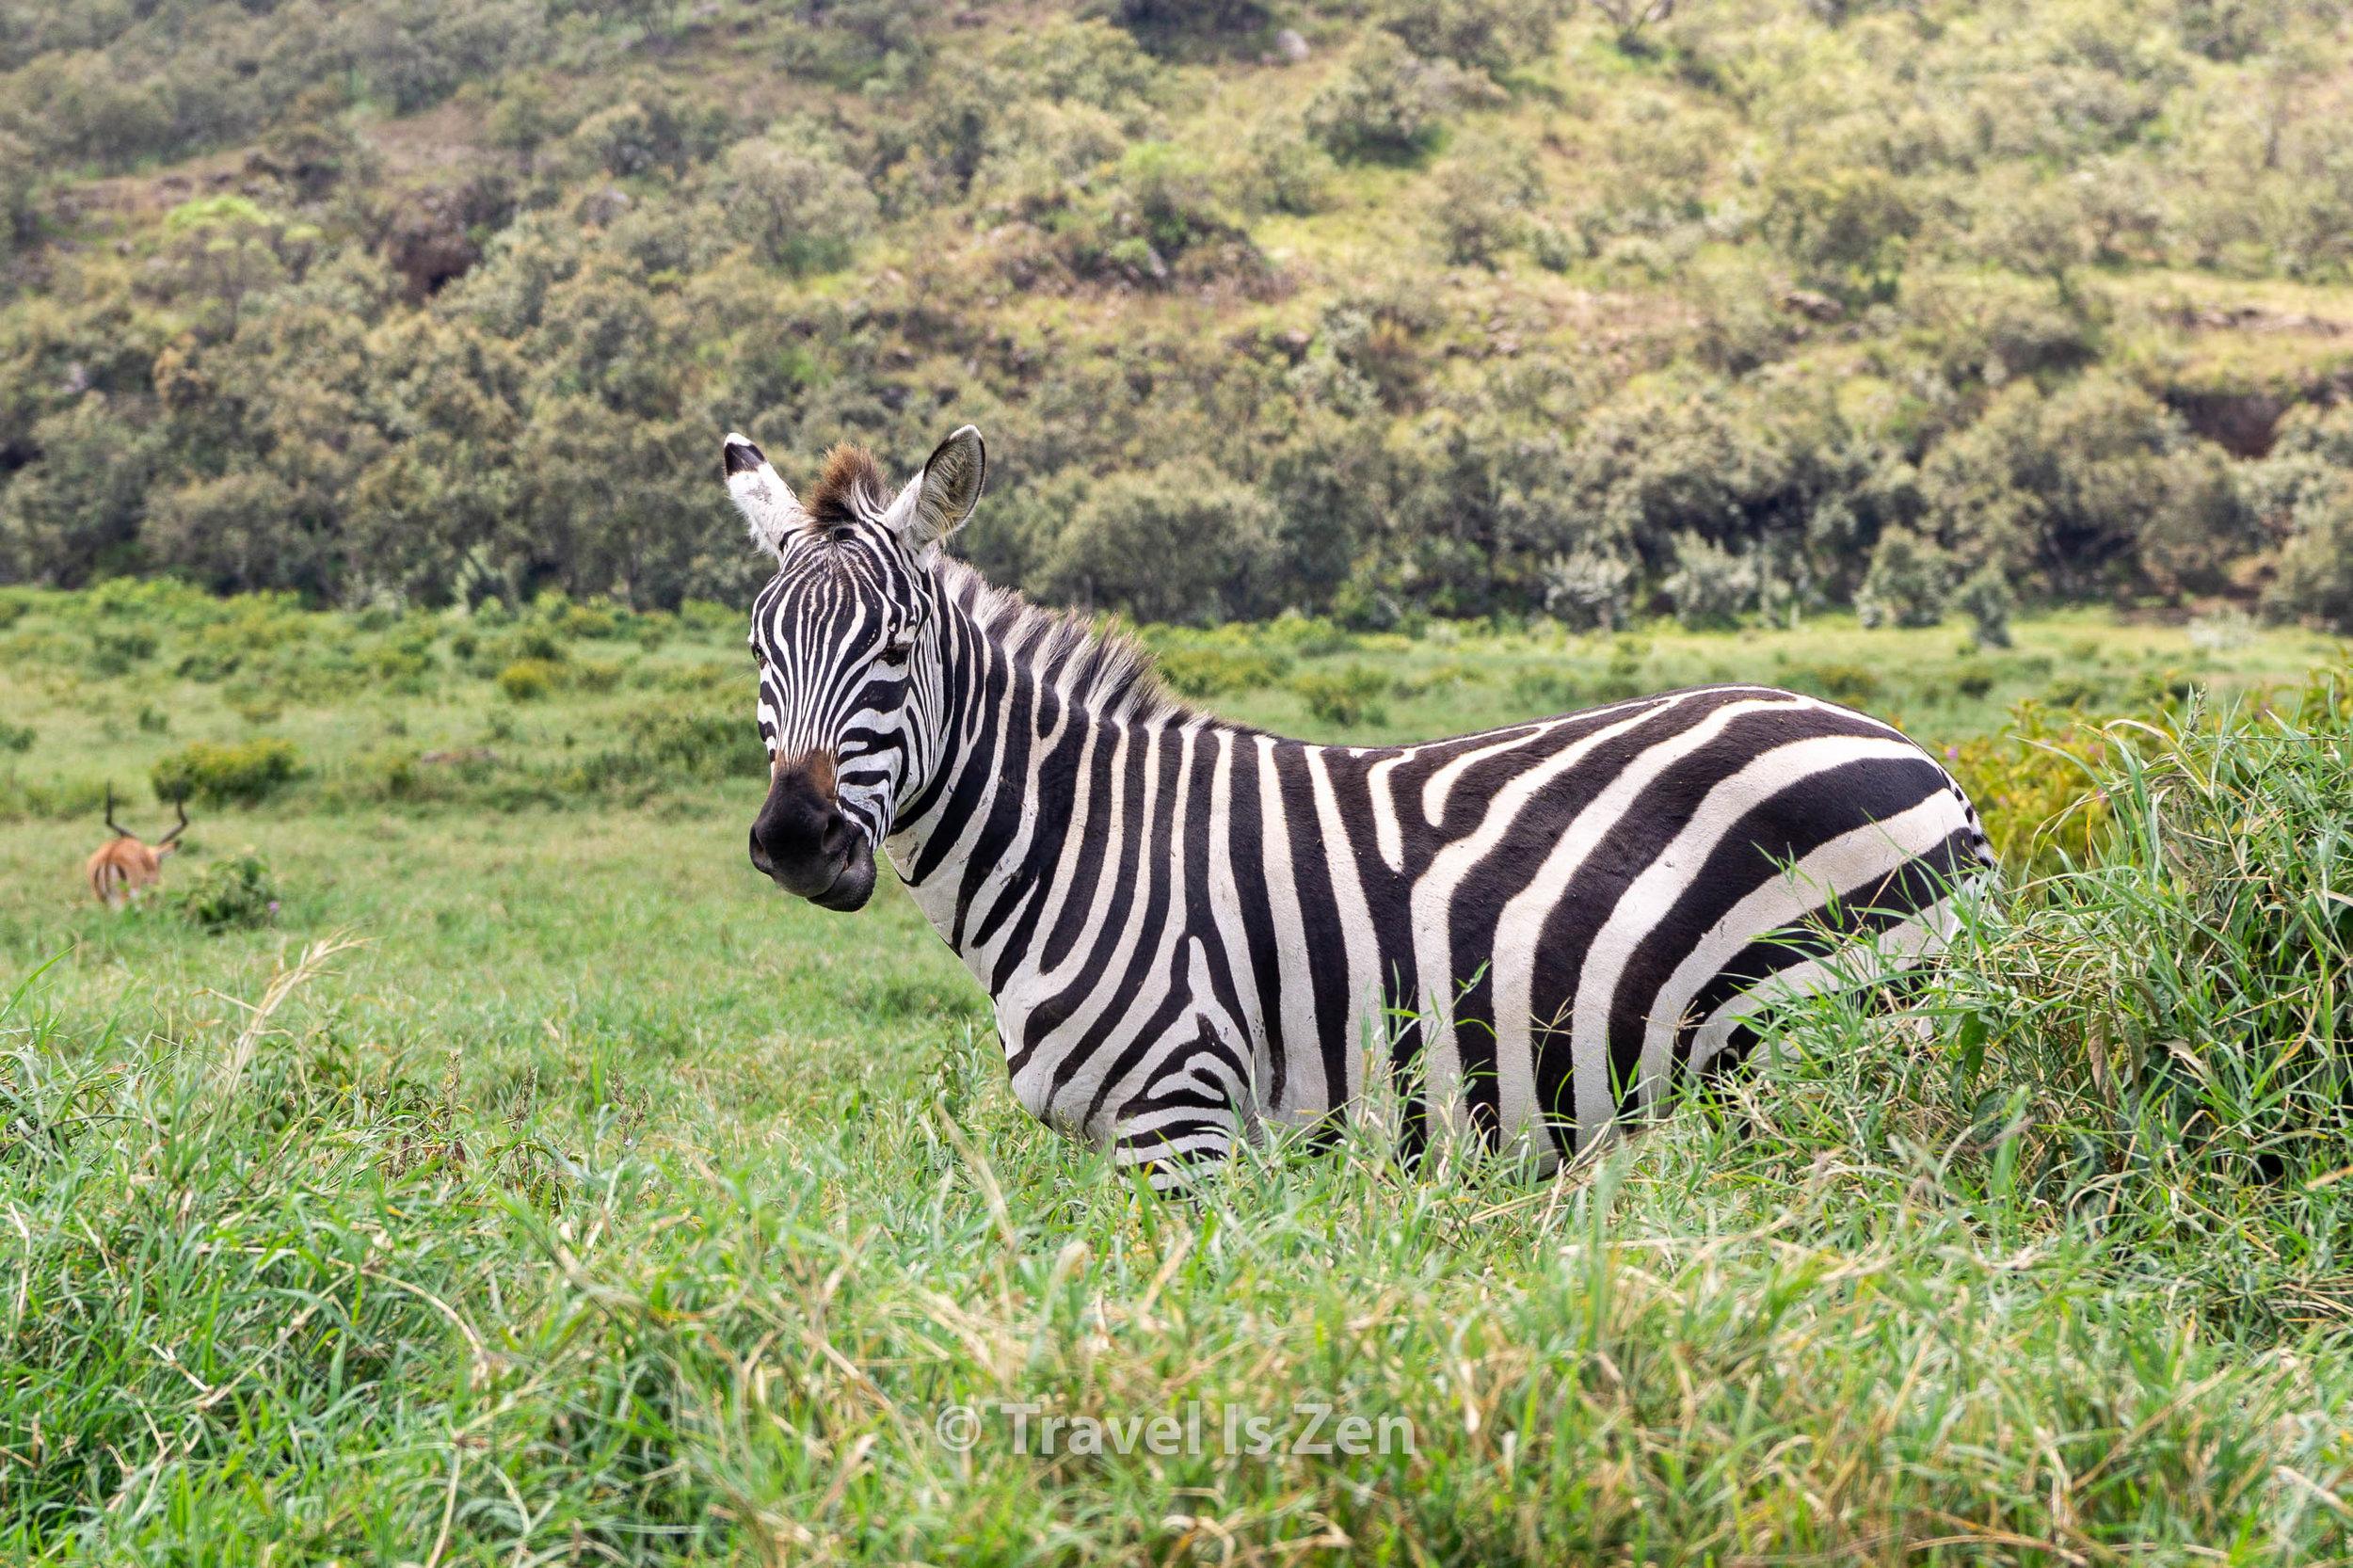 Hells Gate National Park, Naivasha, Kenya